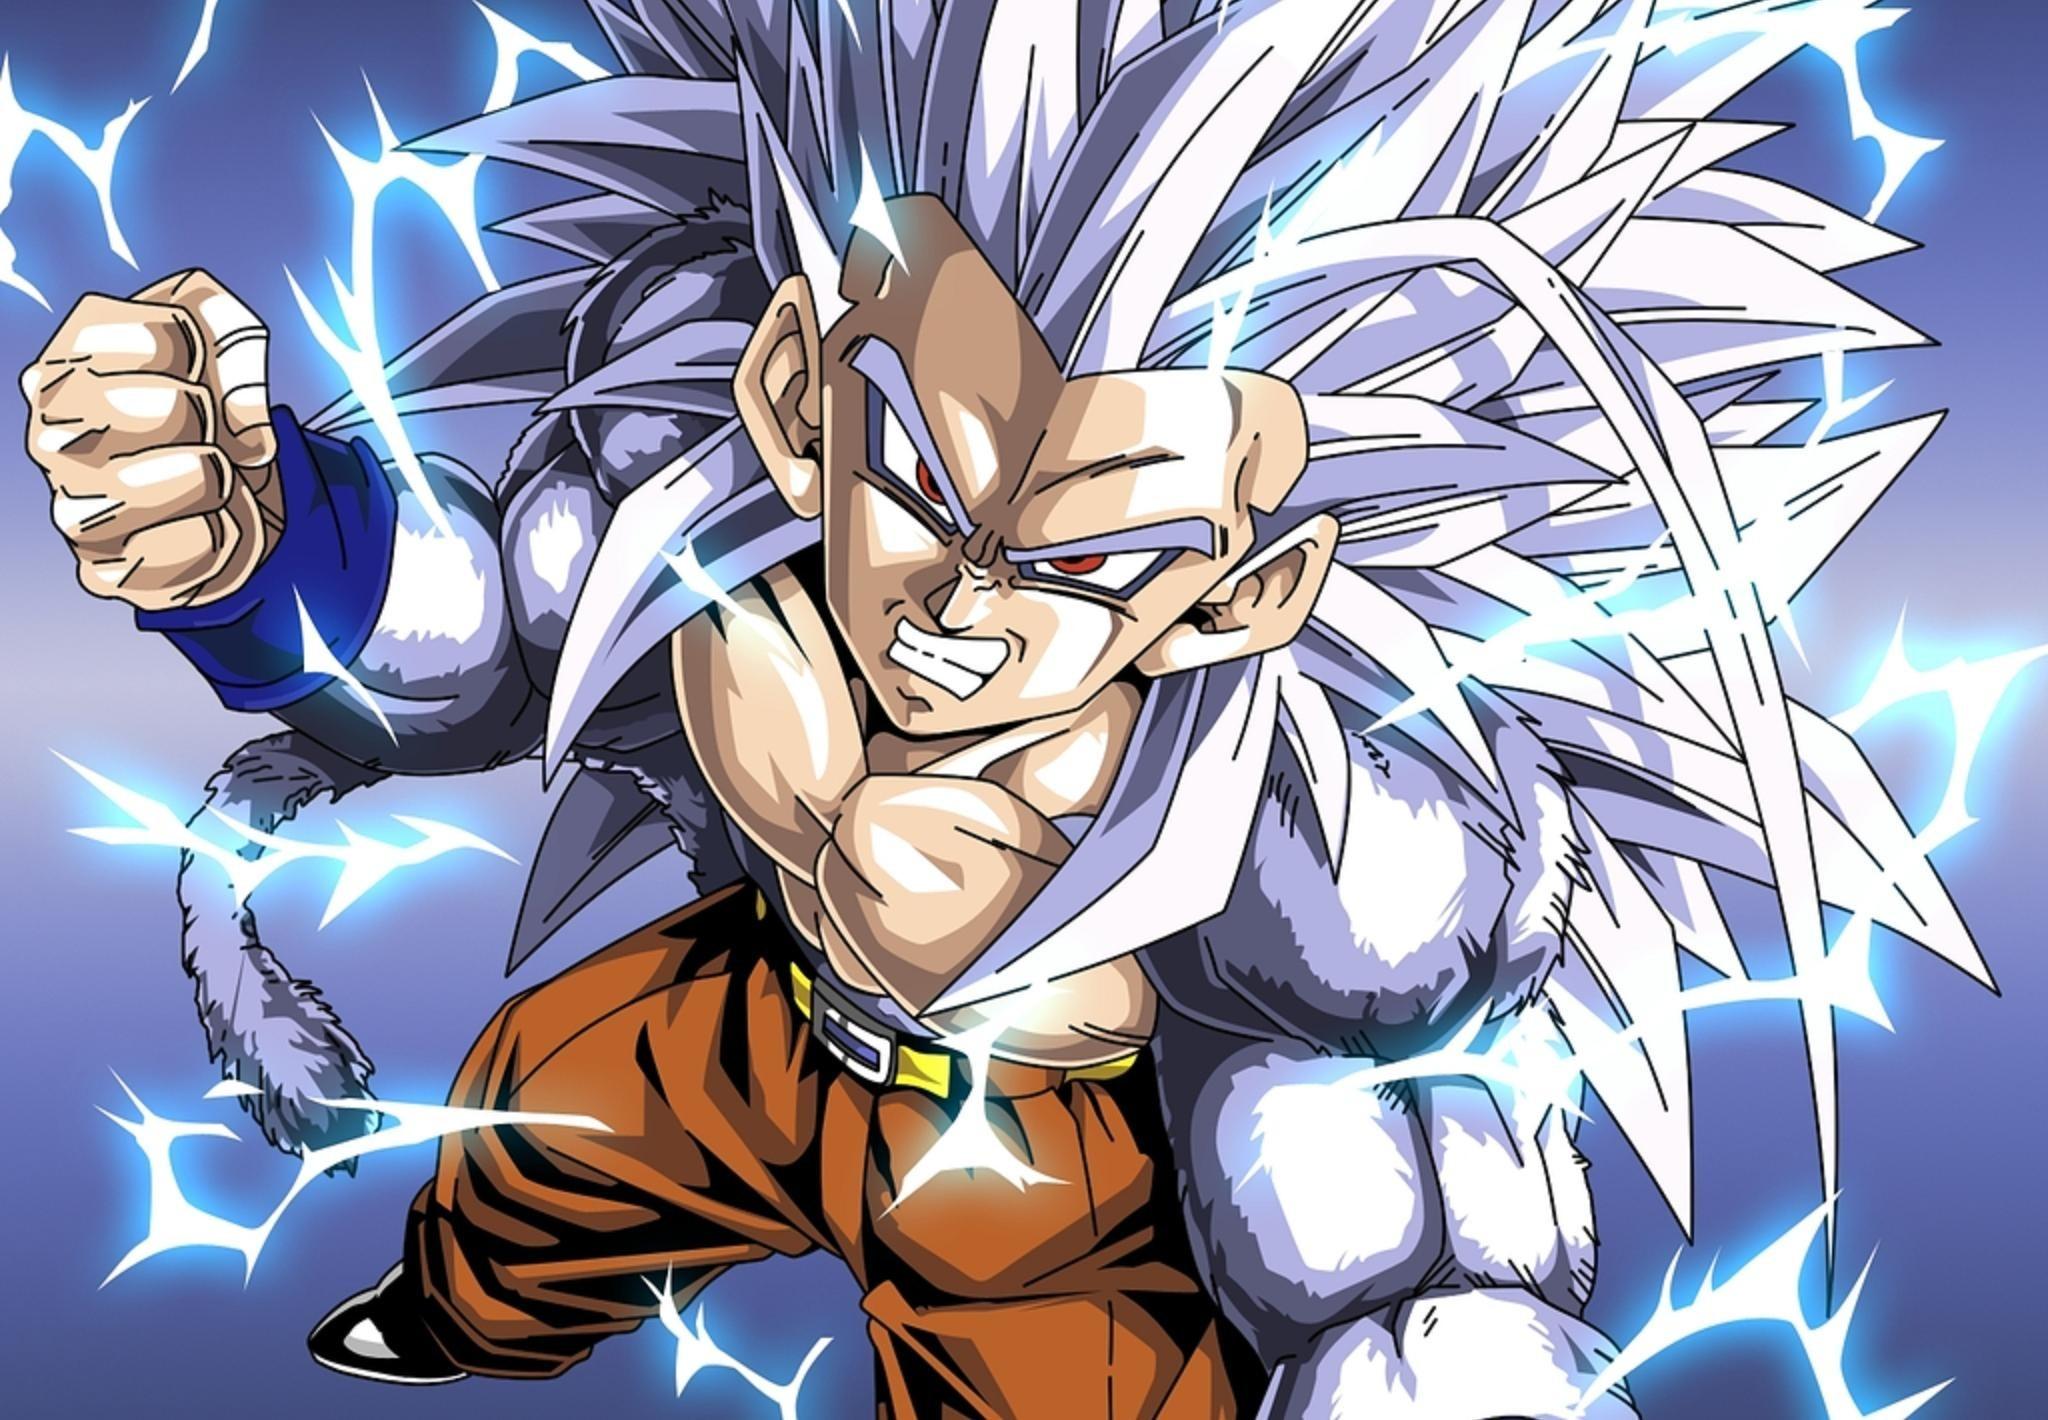 Goku Ssj5 Wallpapers 70 Pictures